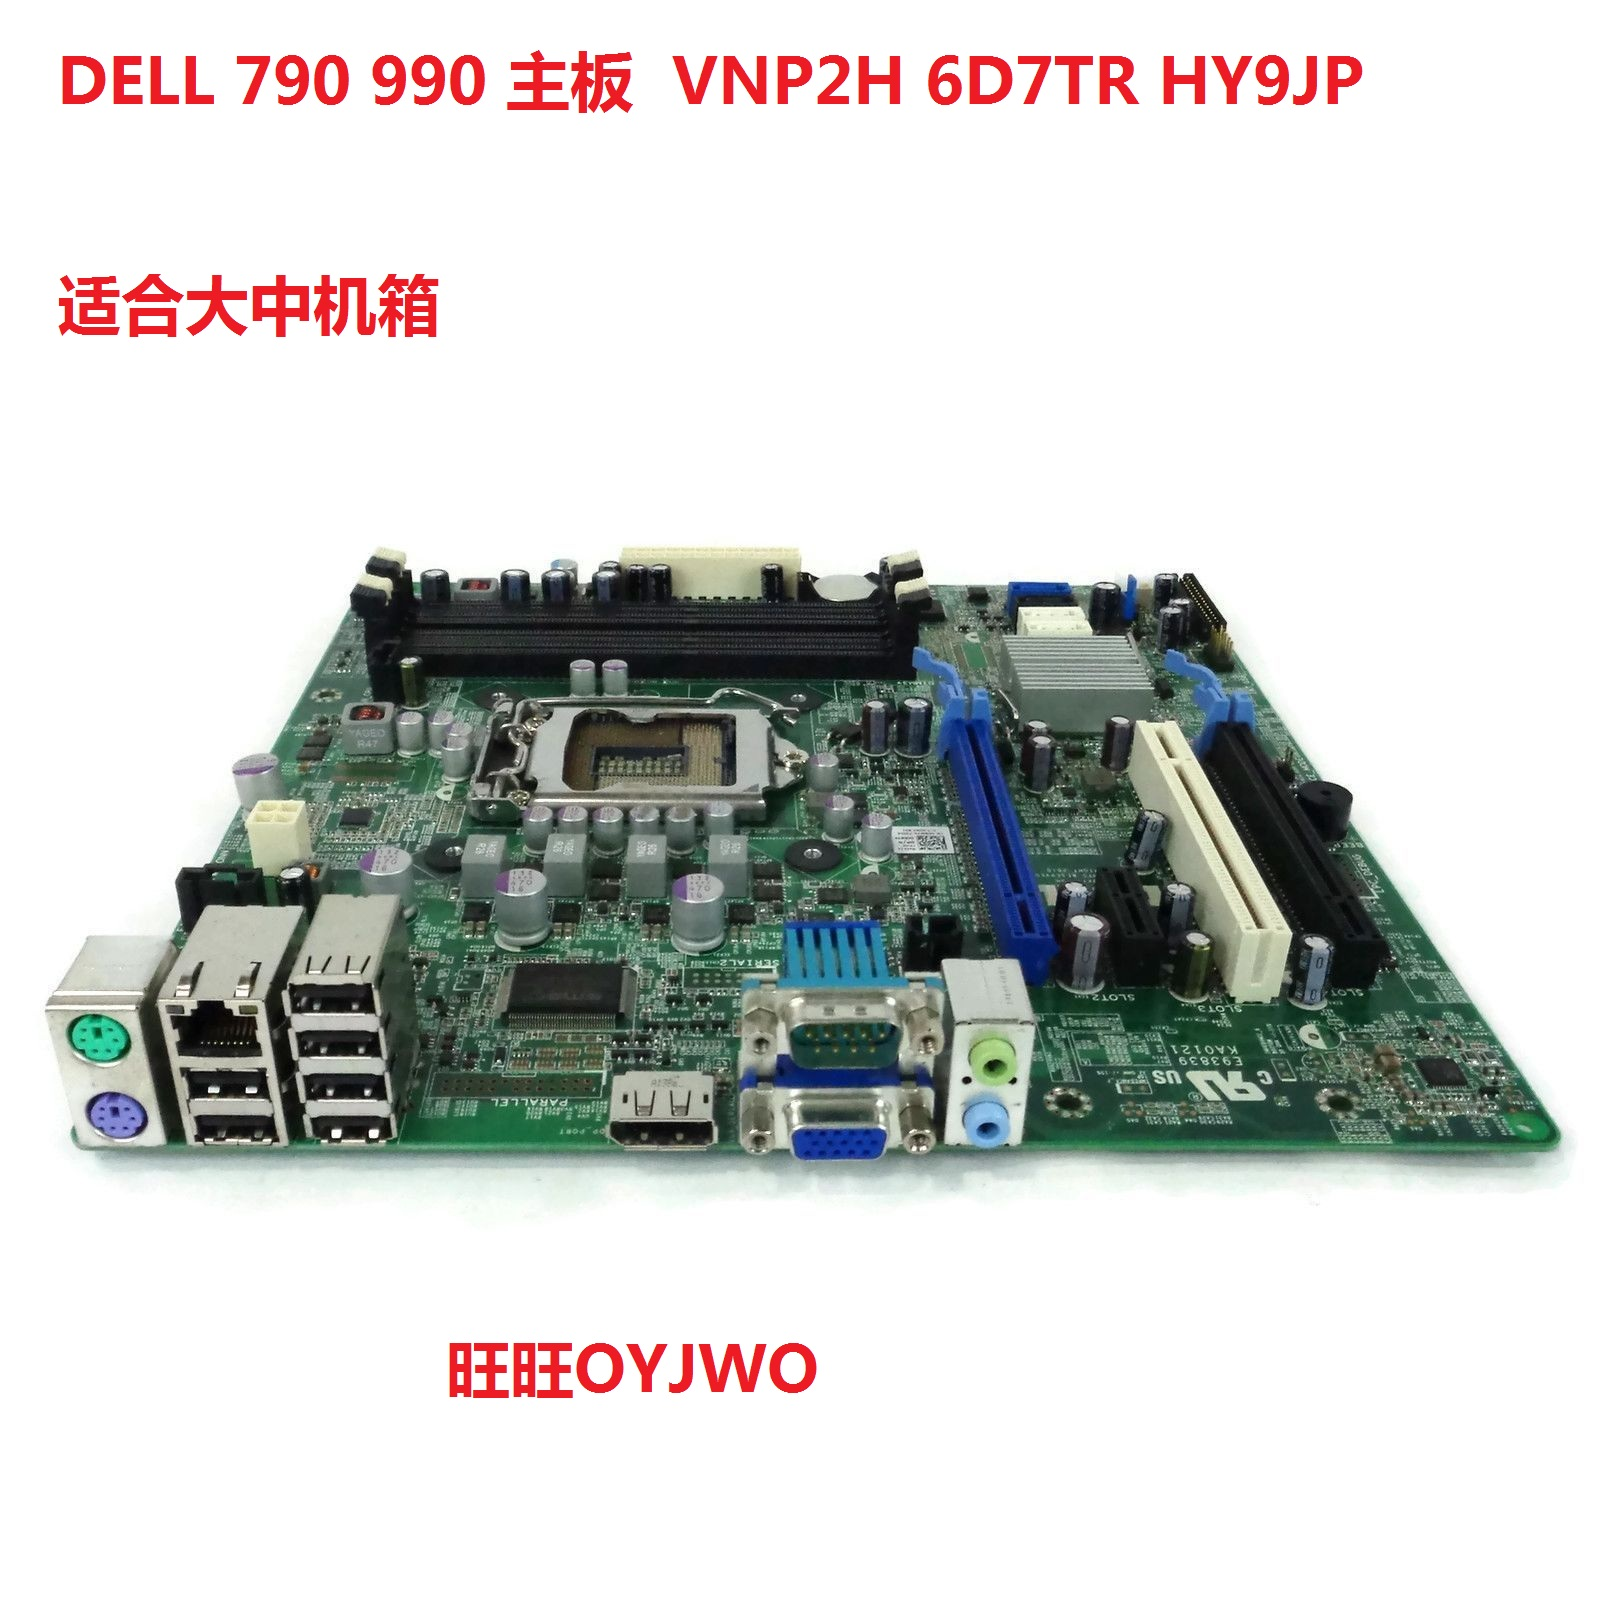 New Dell Optiplex 990 790 t1600 motherboard VNP2H 6D7TR HY9JP